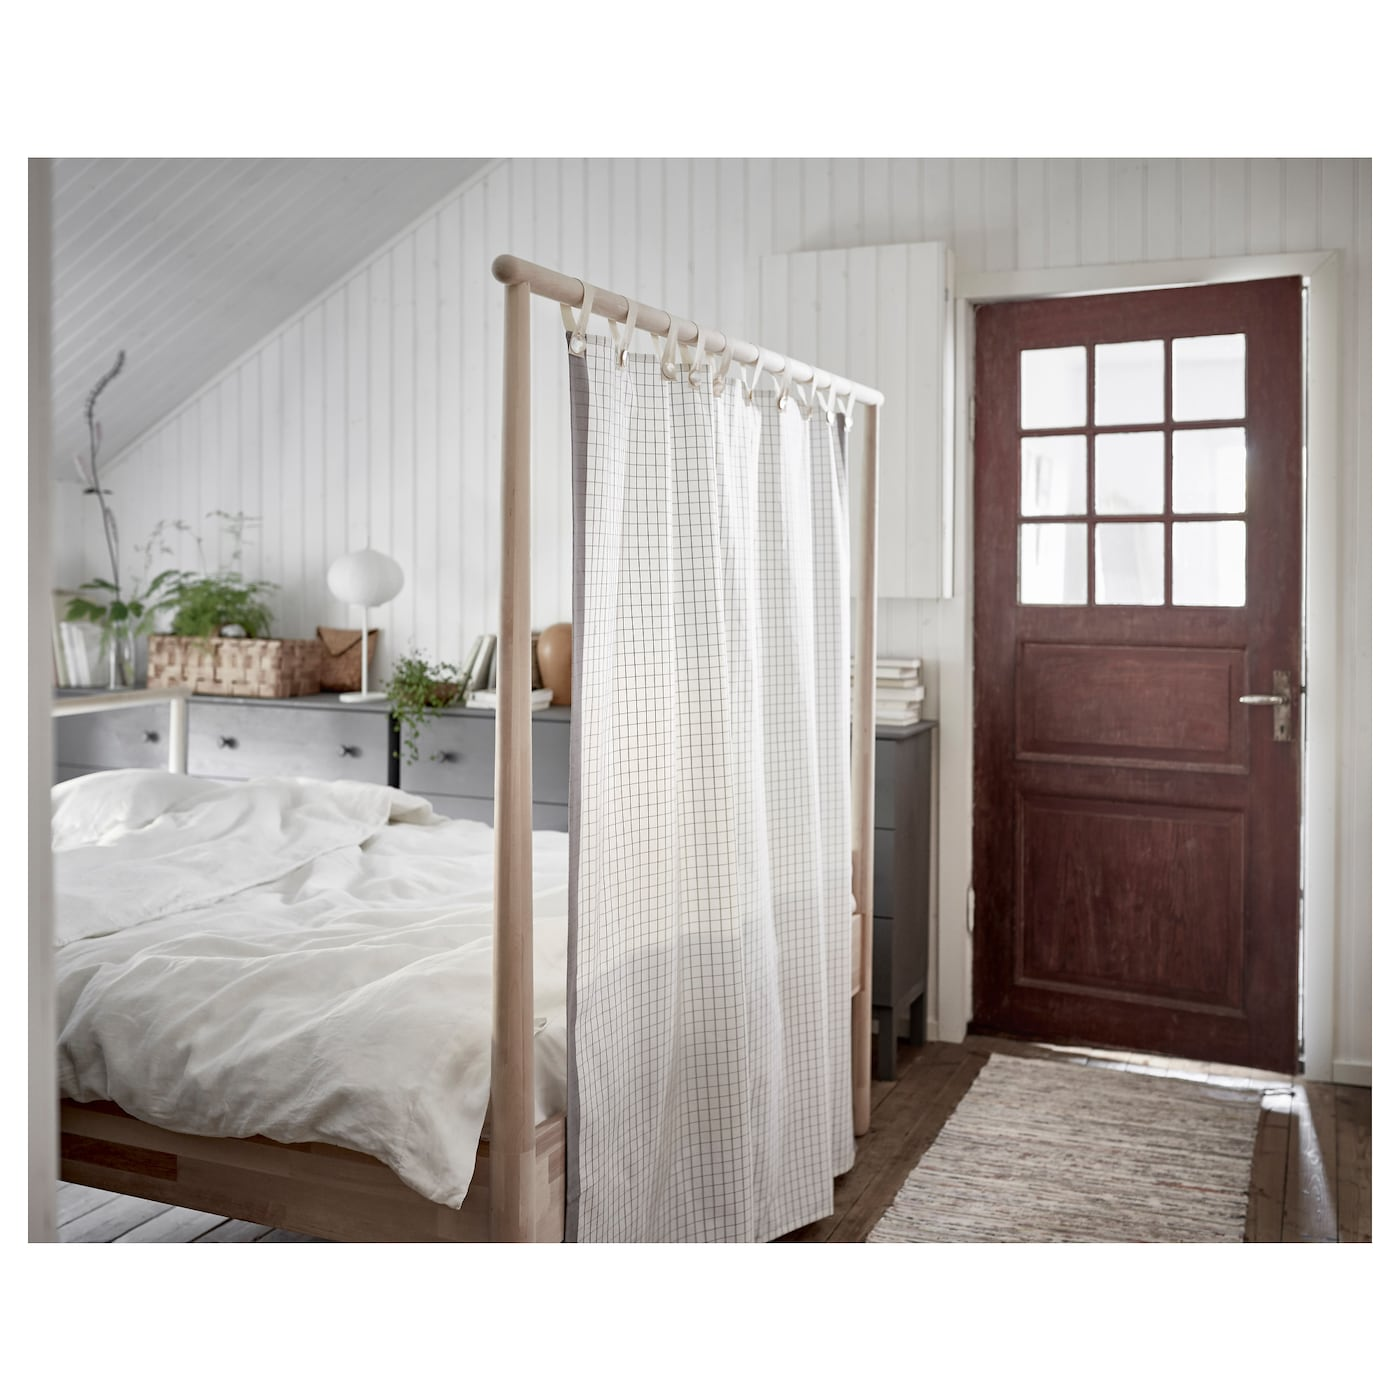 Slatted Room Divider Gj 214 Ra Bed Frame Birch L 246 Nset Standard King Ikea